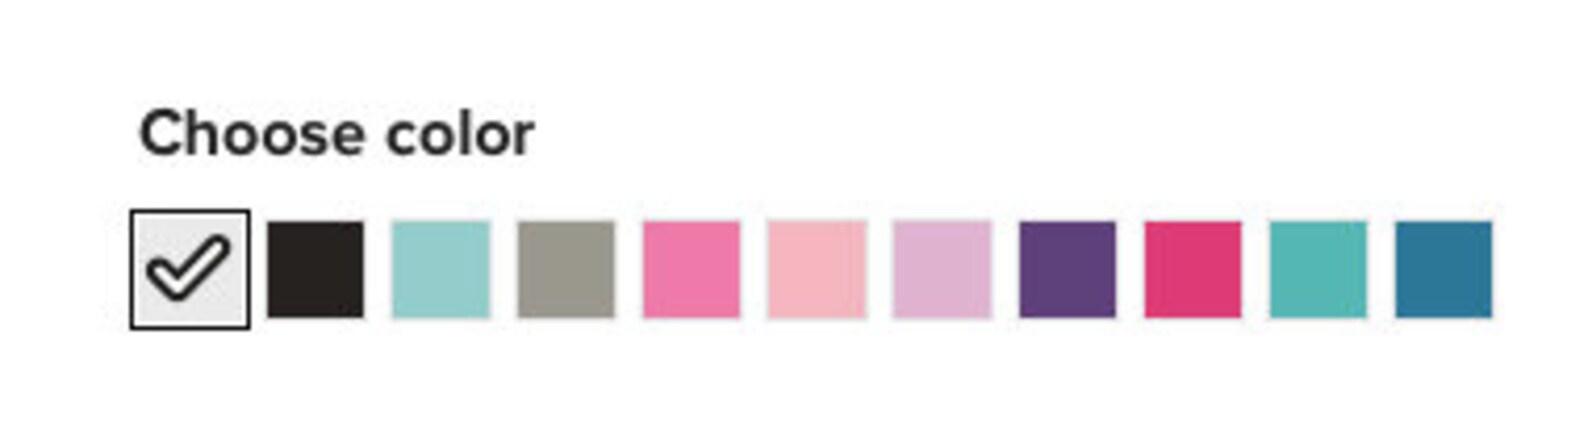 girl's tee light pink 3710 princess tee t shirt ballet barre shoes slippers skirt dress flower crowns kids girl's school